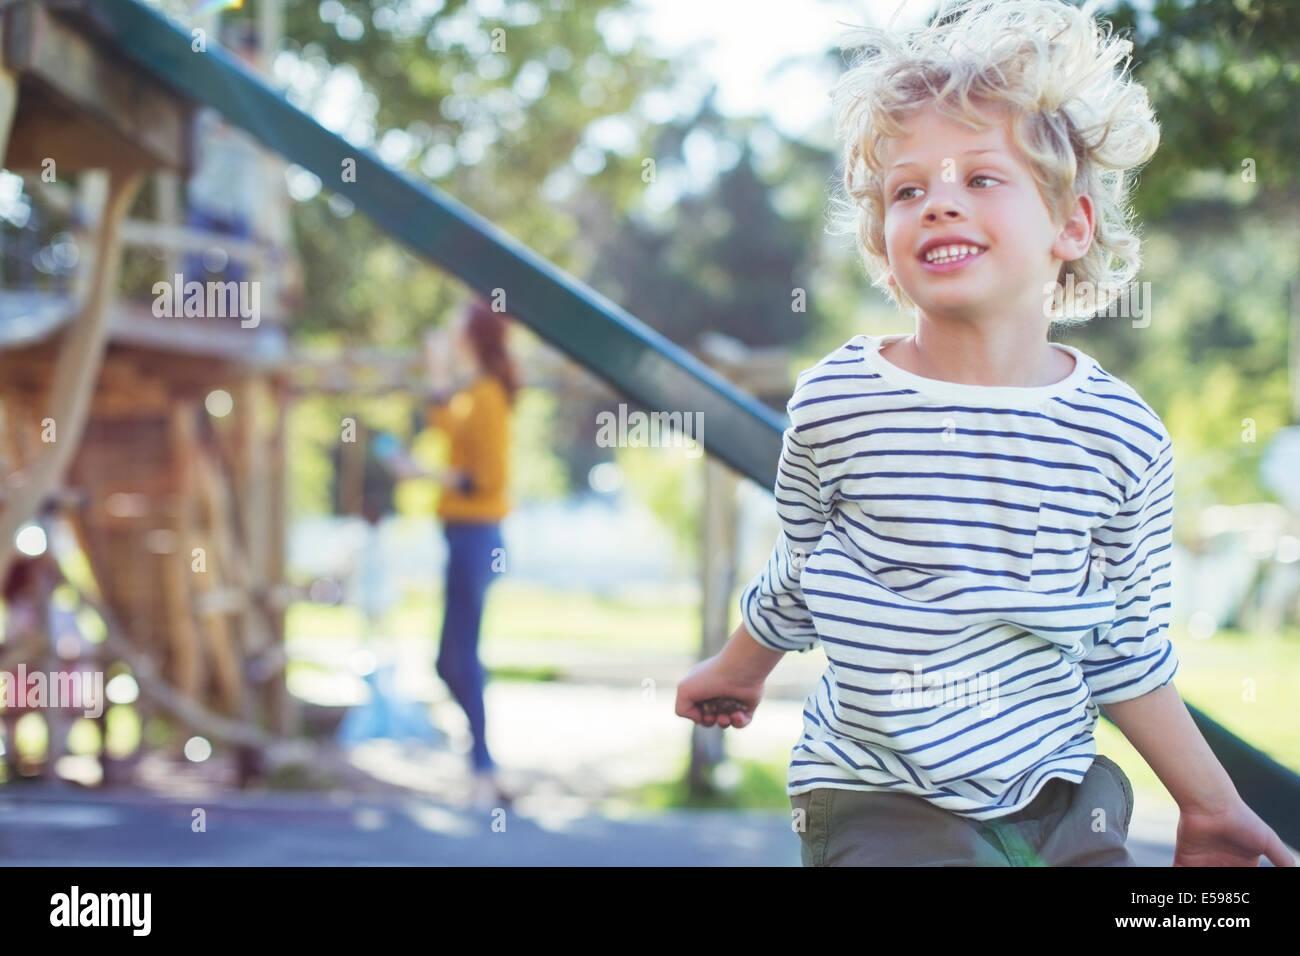 Garçon jouant sur le terrain de jeu Photo Stock